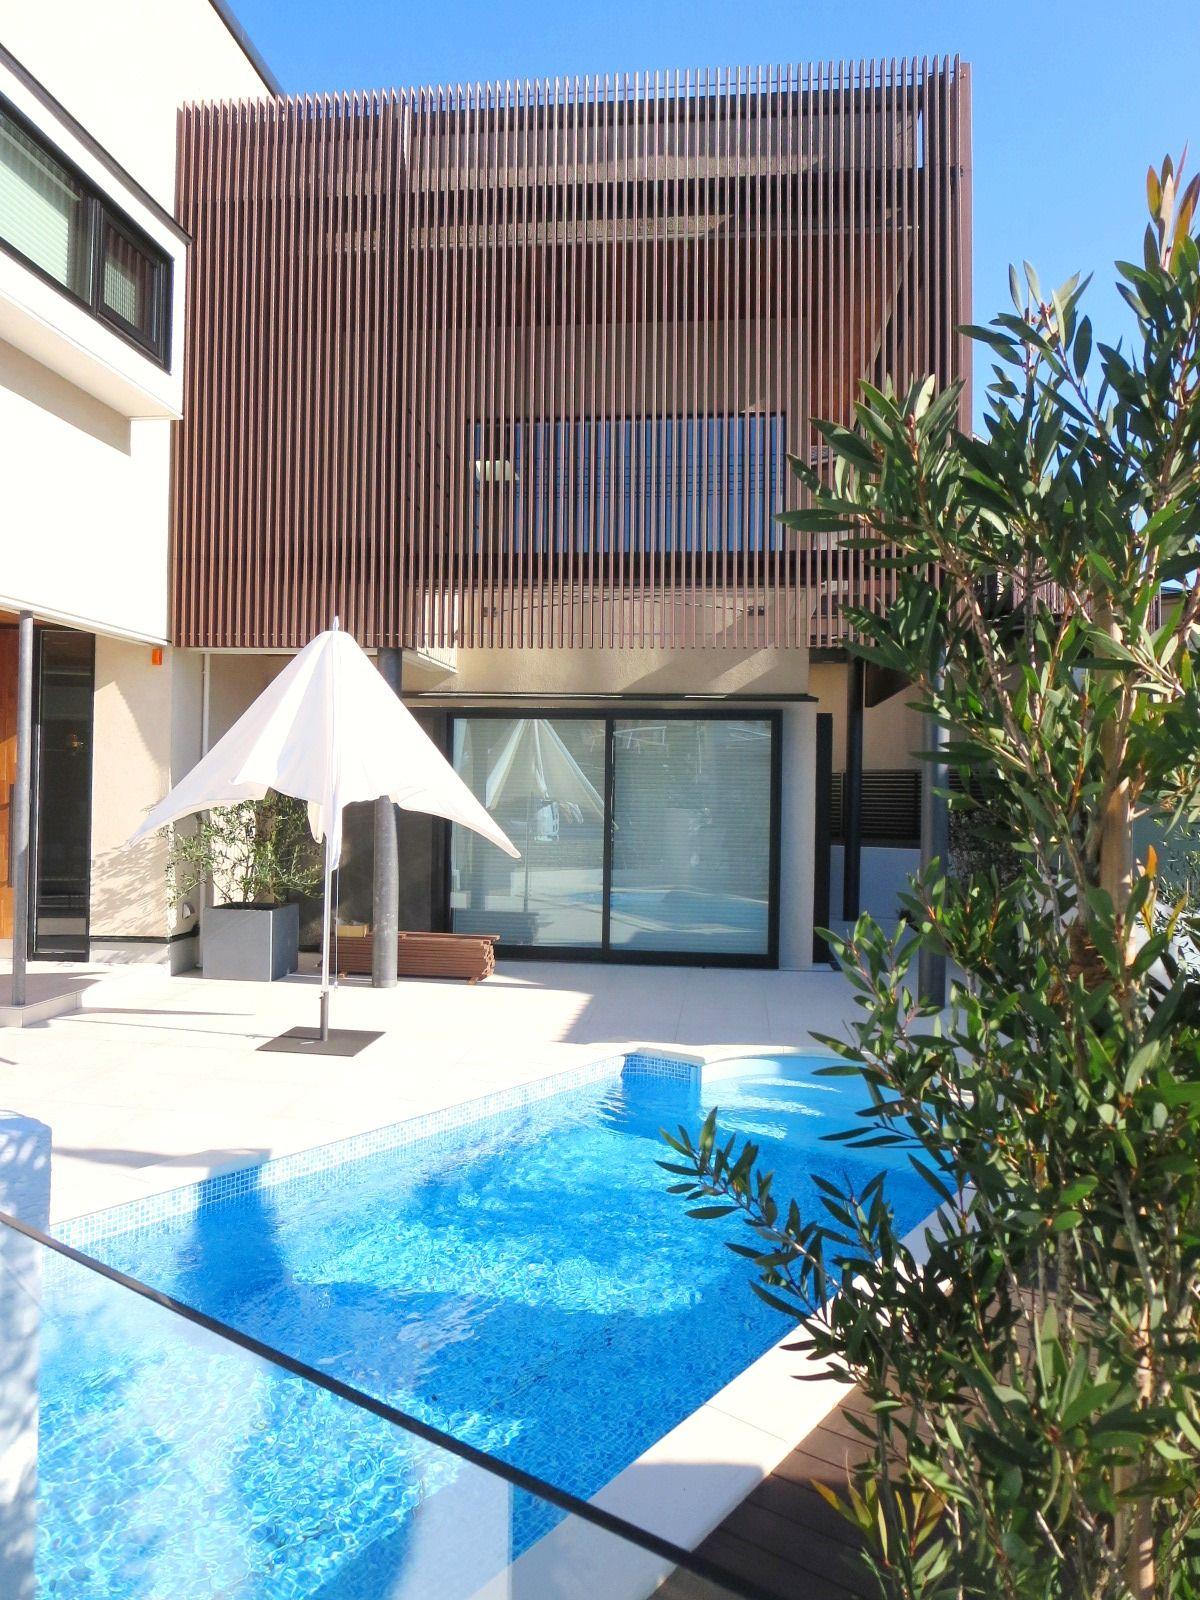 本格的なプールをご自宅のお庭で 施工エリア 柏市 流山市 松戸市